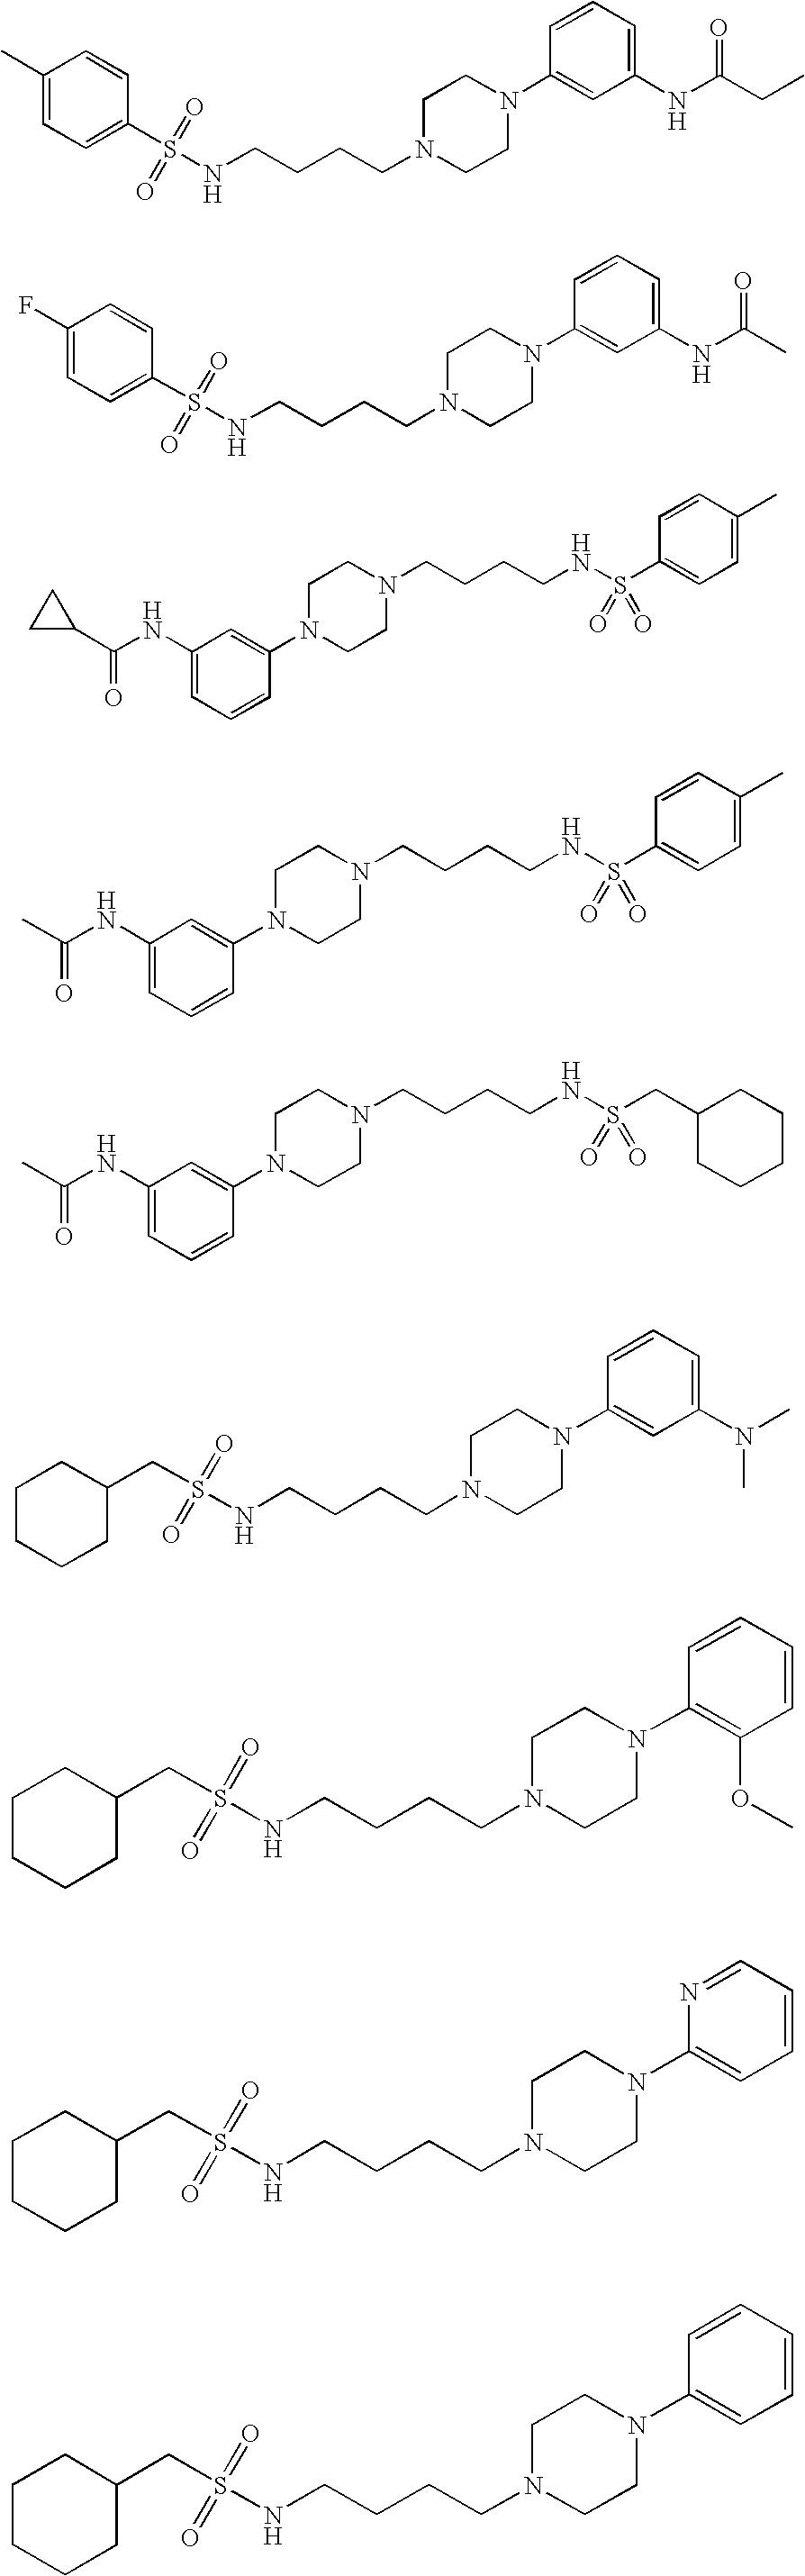 Figure US20100009983A1-20100114-C00132